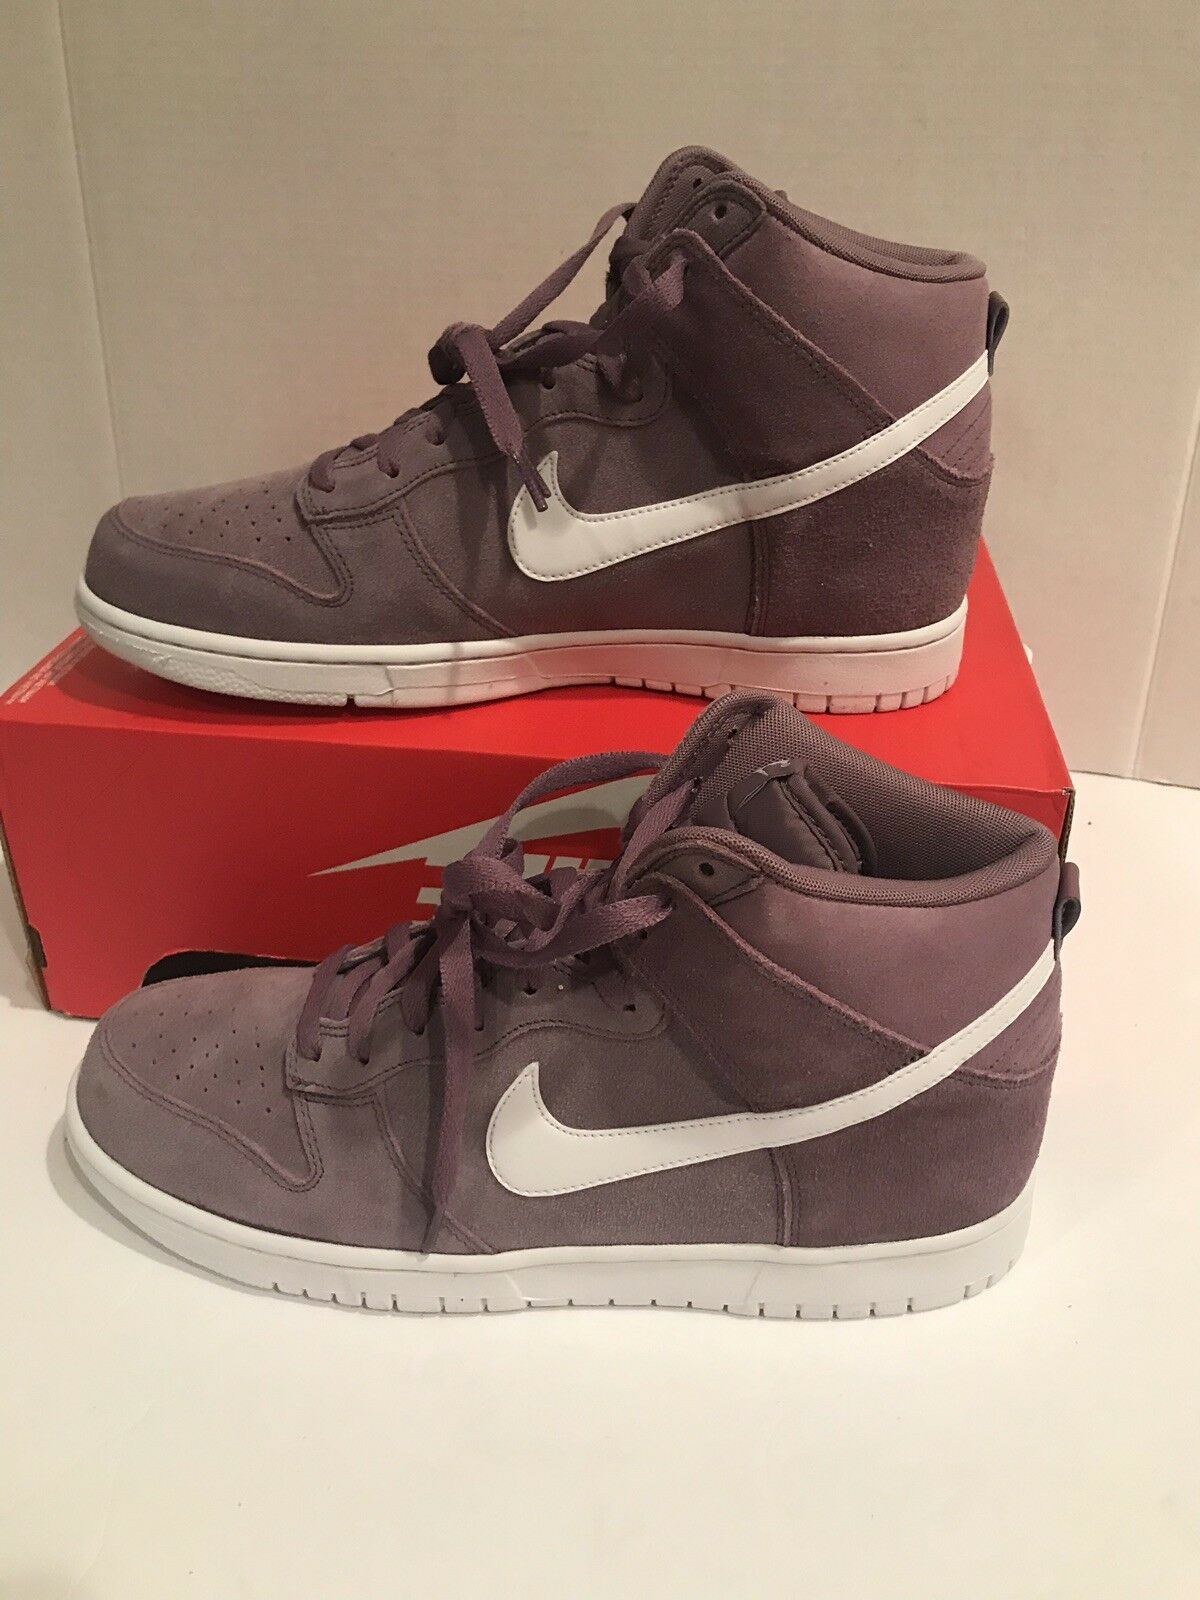 Nike Dunk Hi , para Hombres 904233-500 púrpuraa Polvo blancoo ante Número 10.5us